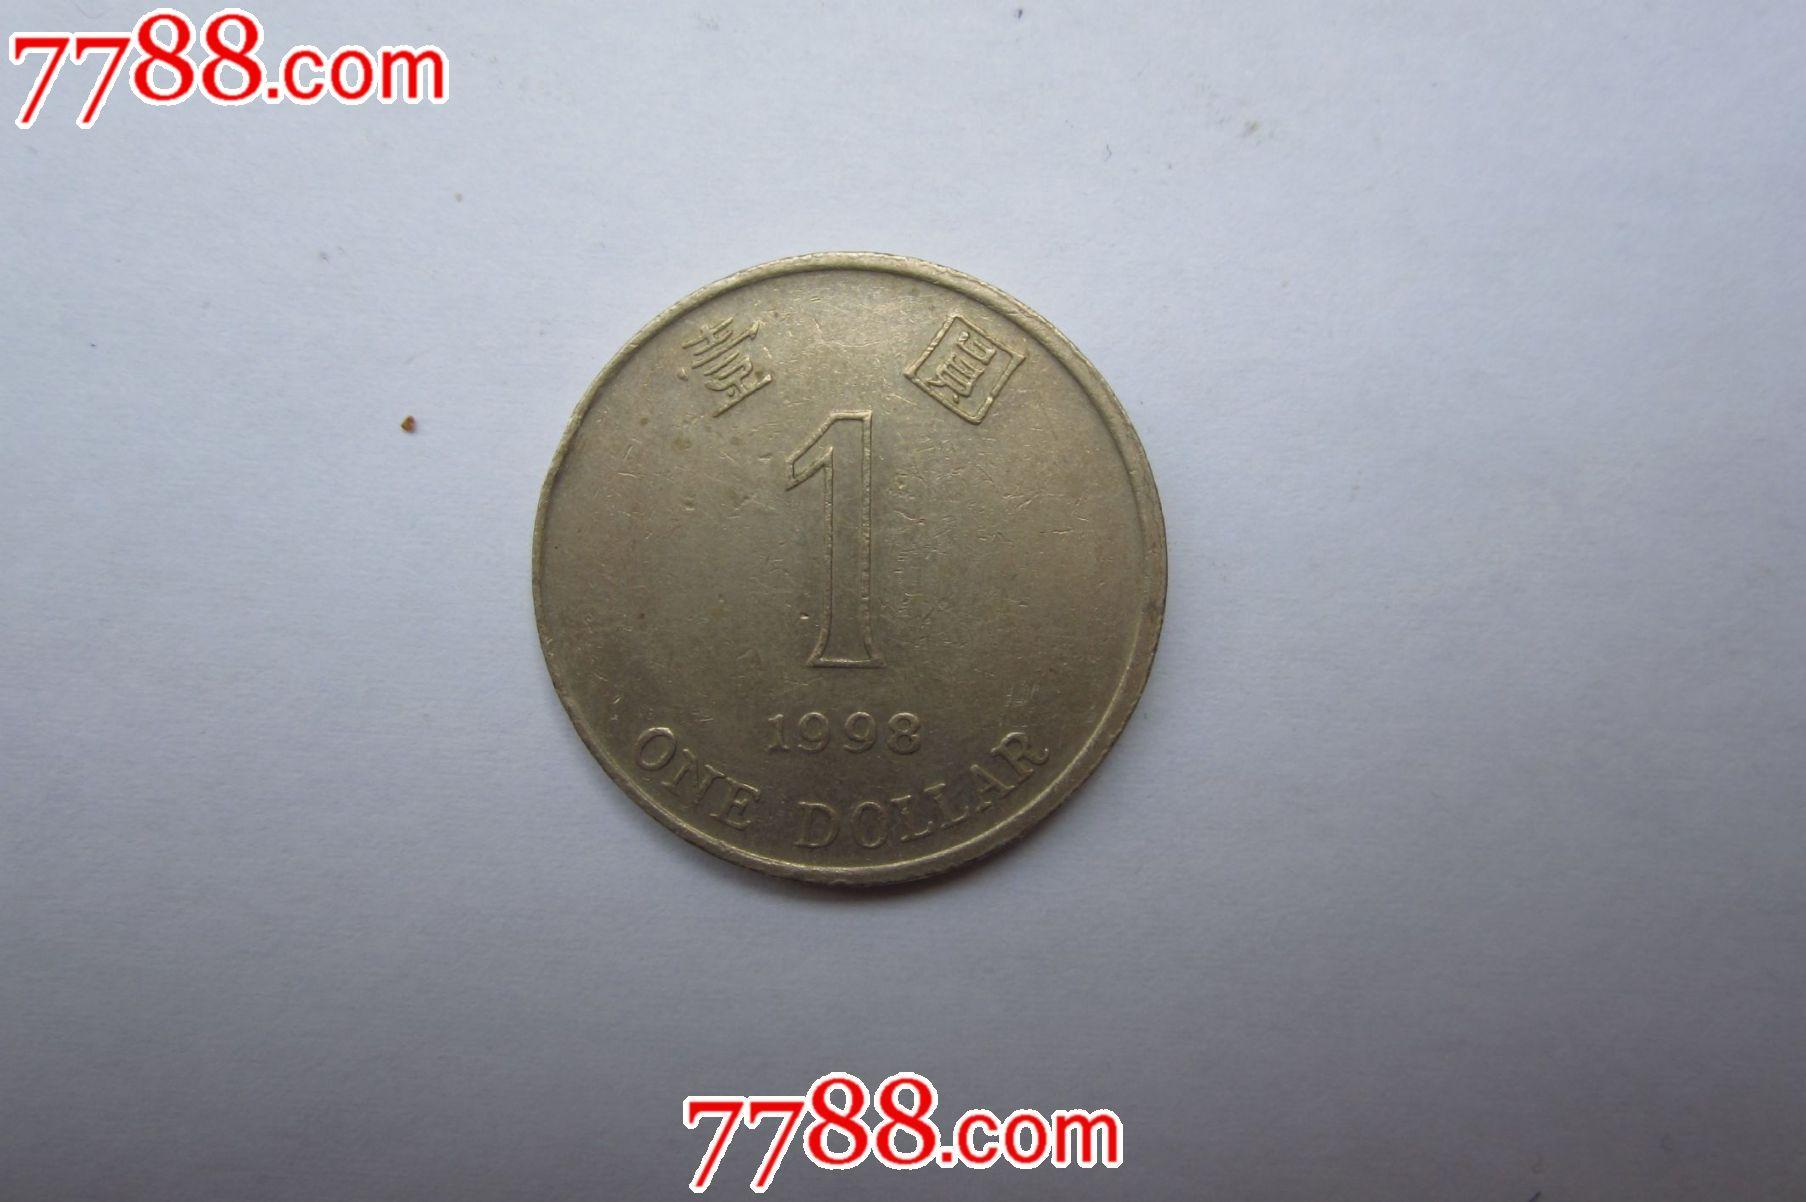 1998年香港5元硬币_1998年香港1元